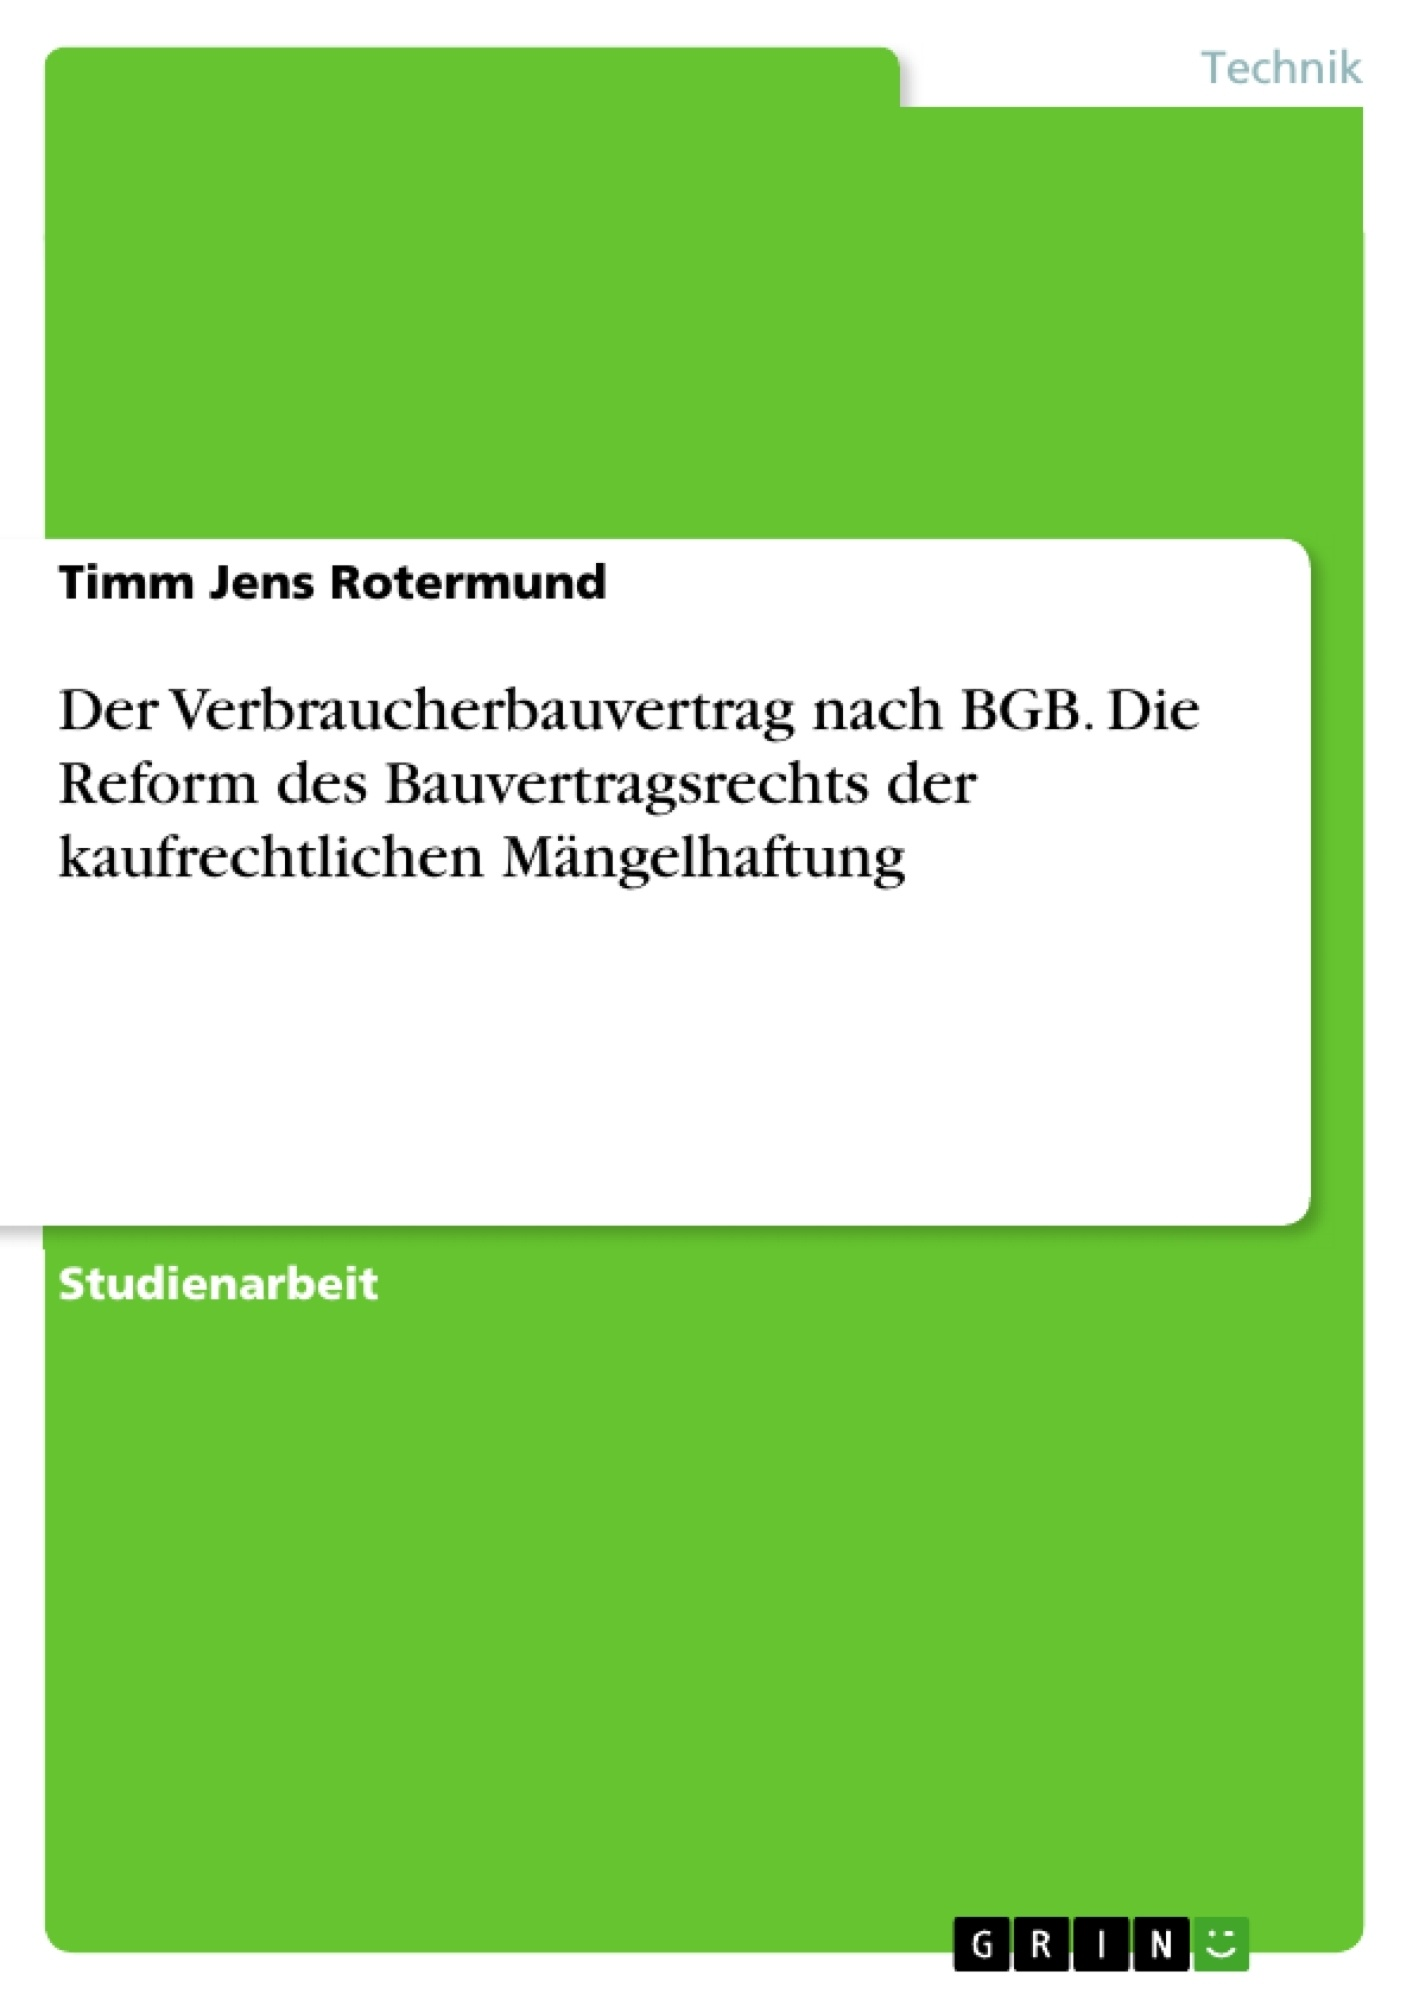 Titel: Der Verbraucherbauvertrag nach BGB. Die Reform des Bauvertragsrechts der kaufrechtlichen Mängelhaftung